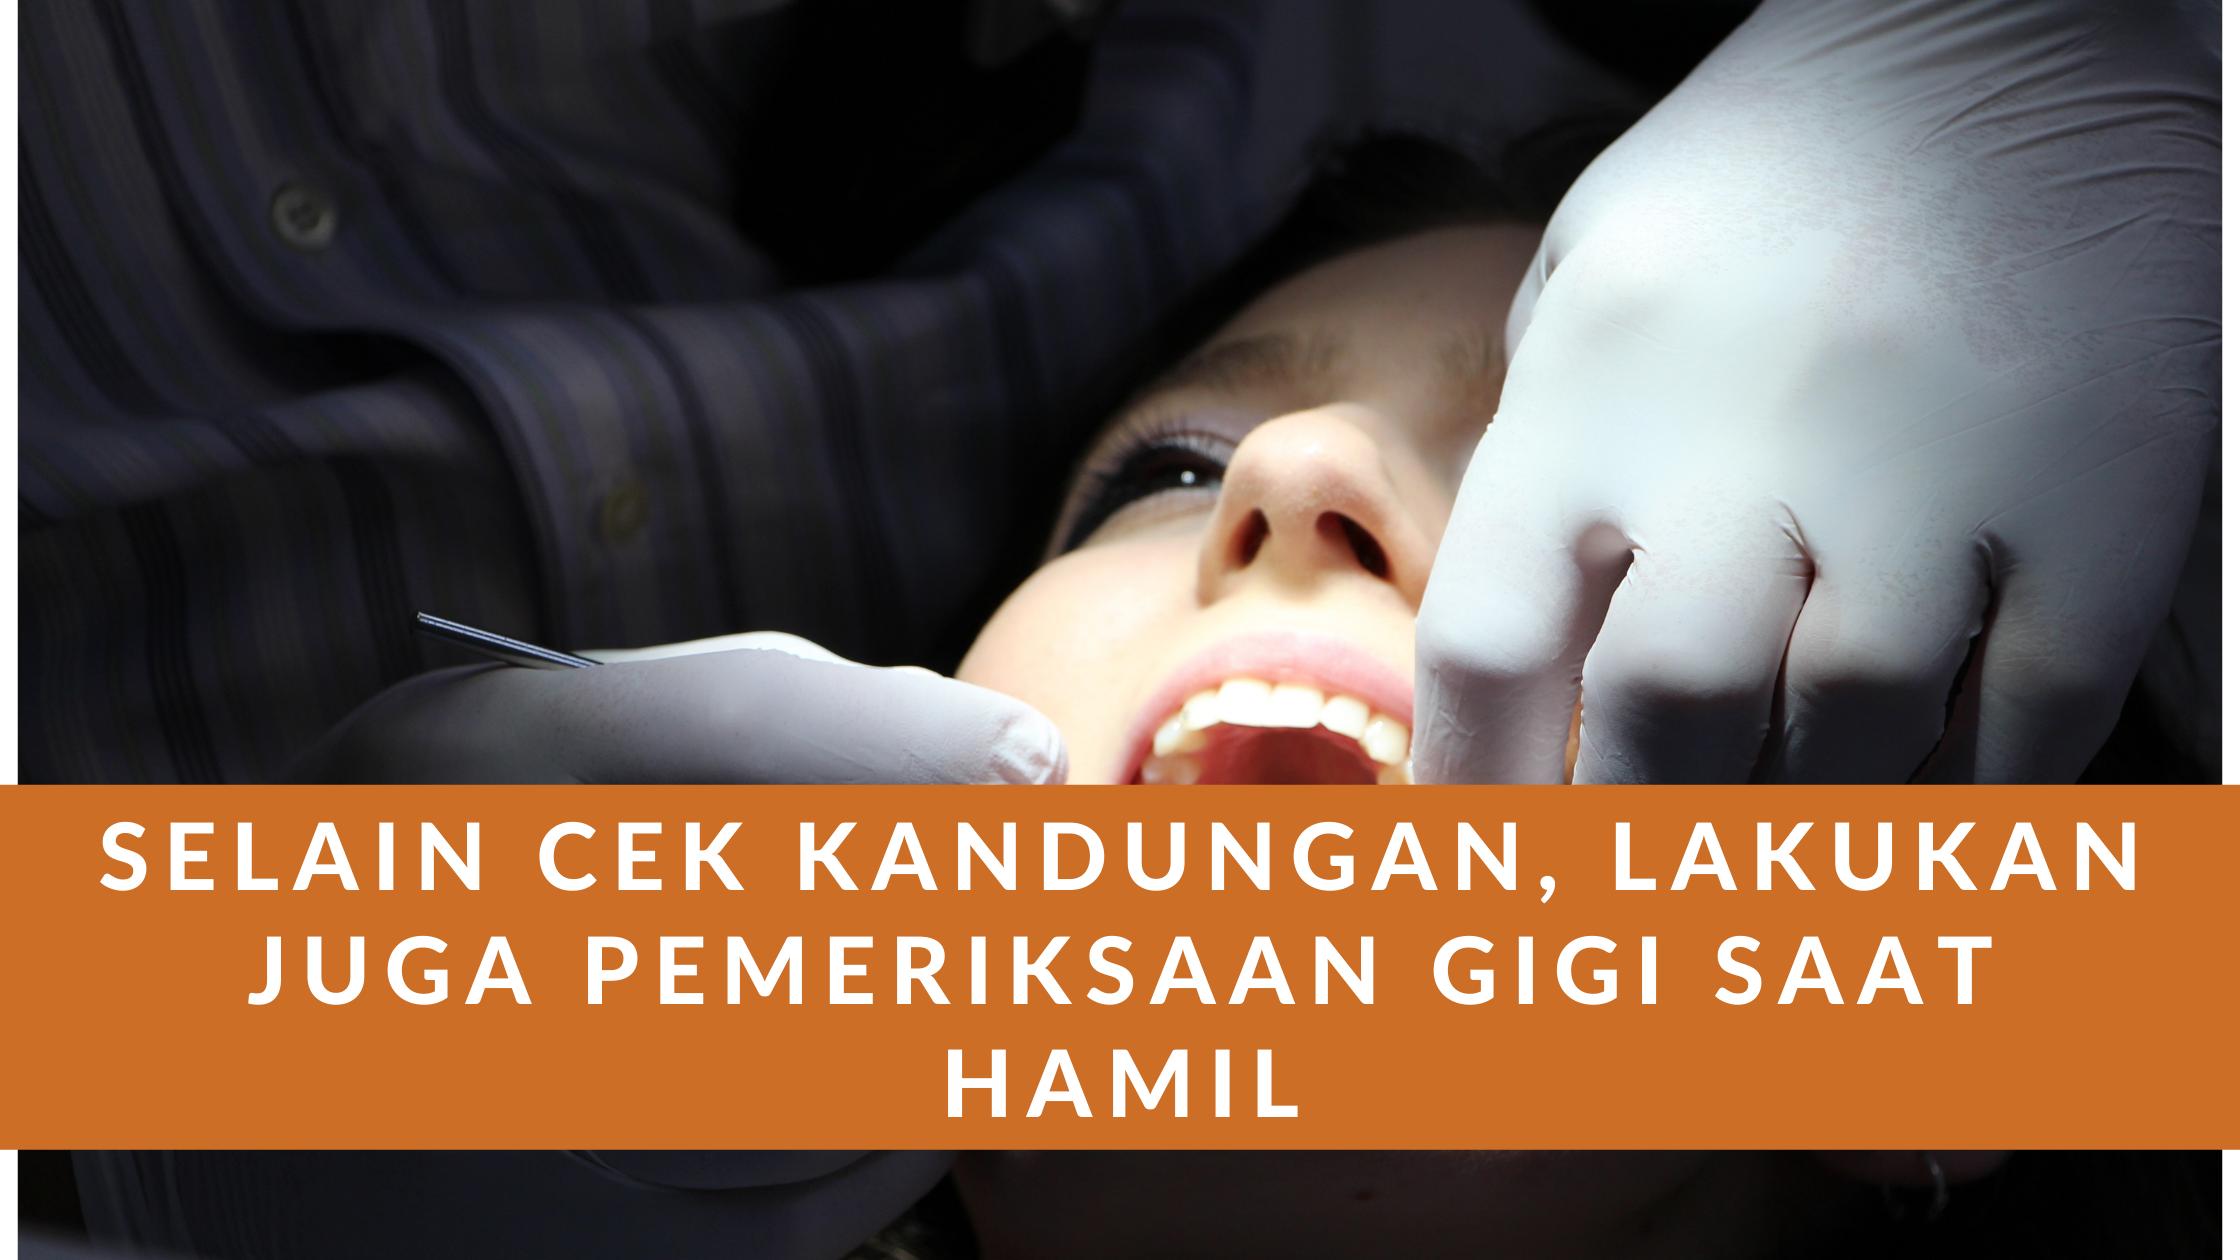 Pemeriksaan Gigi Saat Hamil